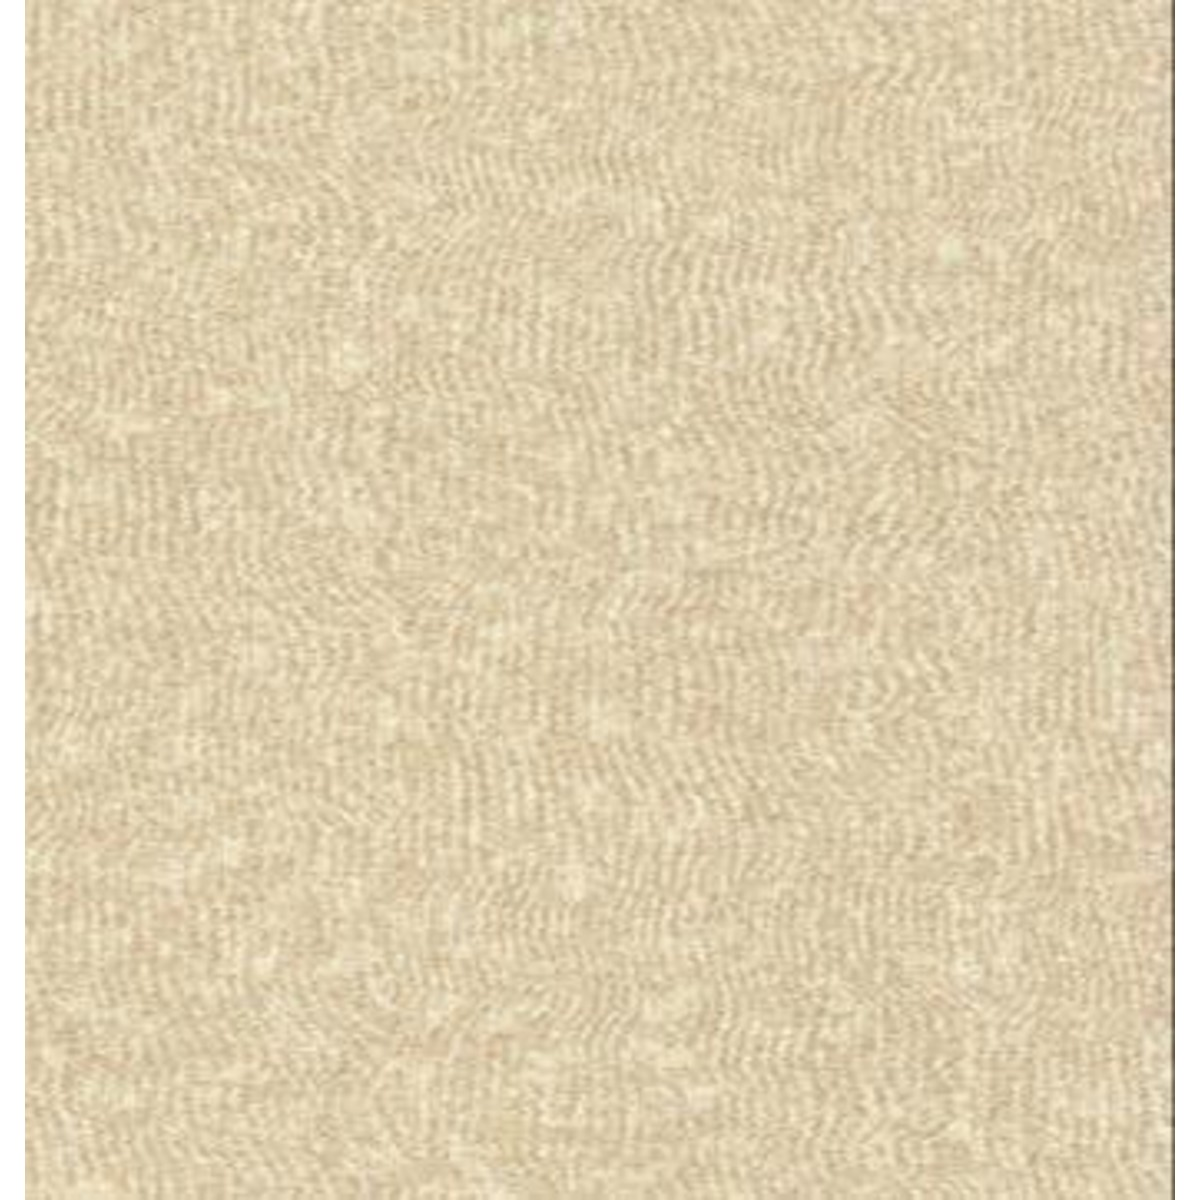 Обои флизелиновые Rasch Filigrano коричневые 1.06 м 964851